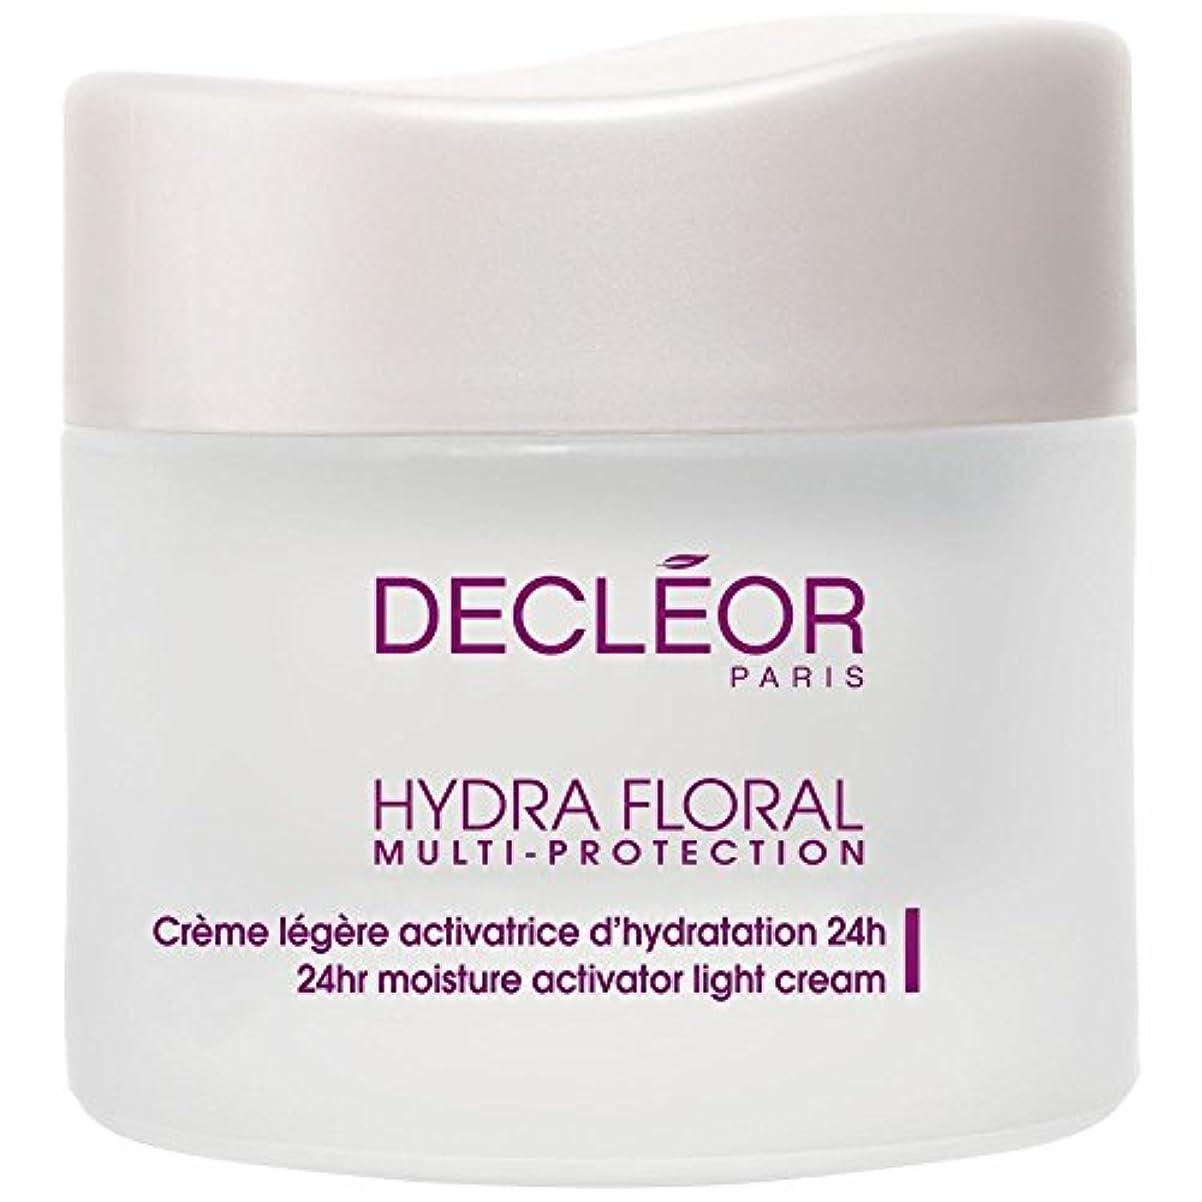 校長脱臼する手[Decl?or] デクレオールヒドラ花のマルチプロテクションベーターライトクリーム、50ミリリットル - Decl?or Hydra Floral Multi Protection Activator Light Cream...